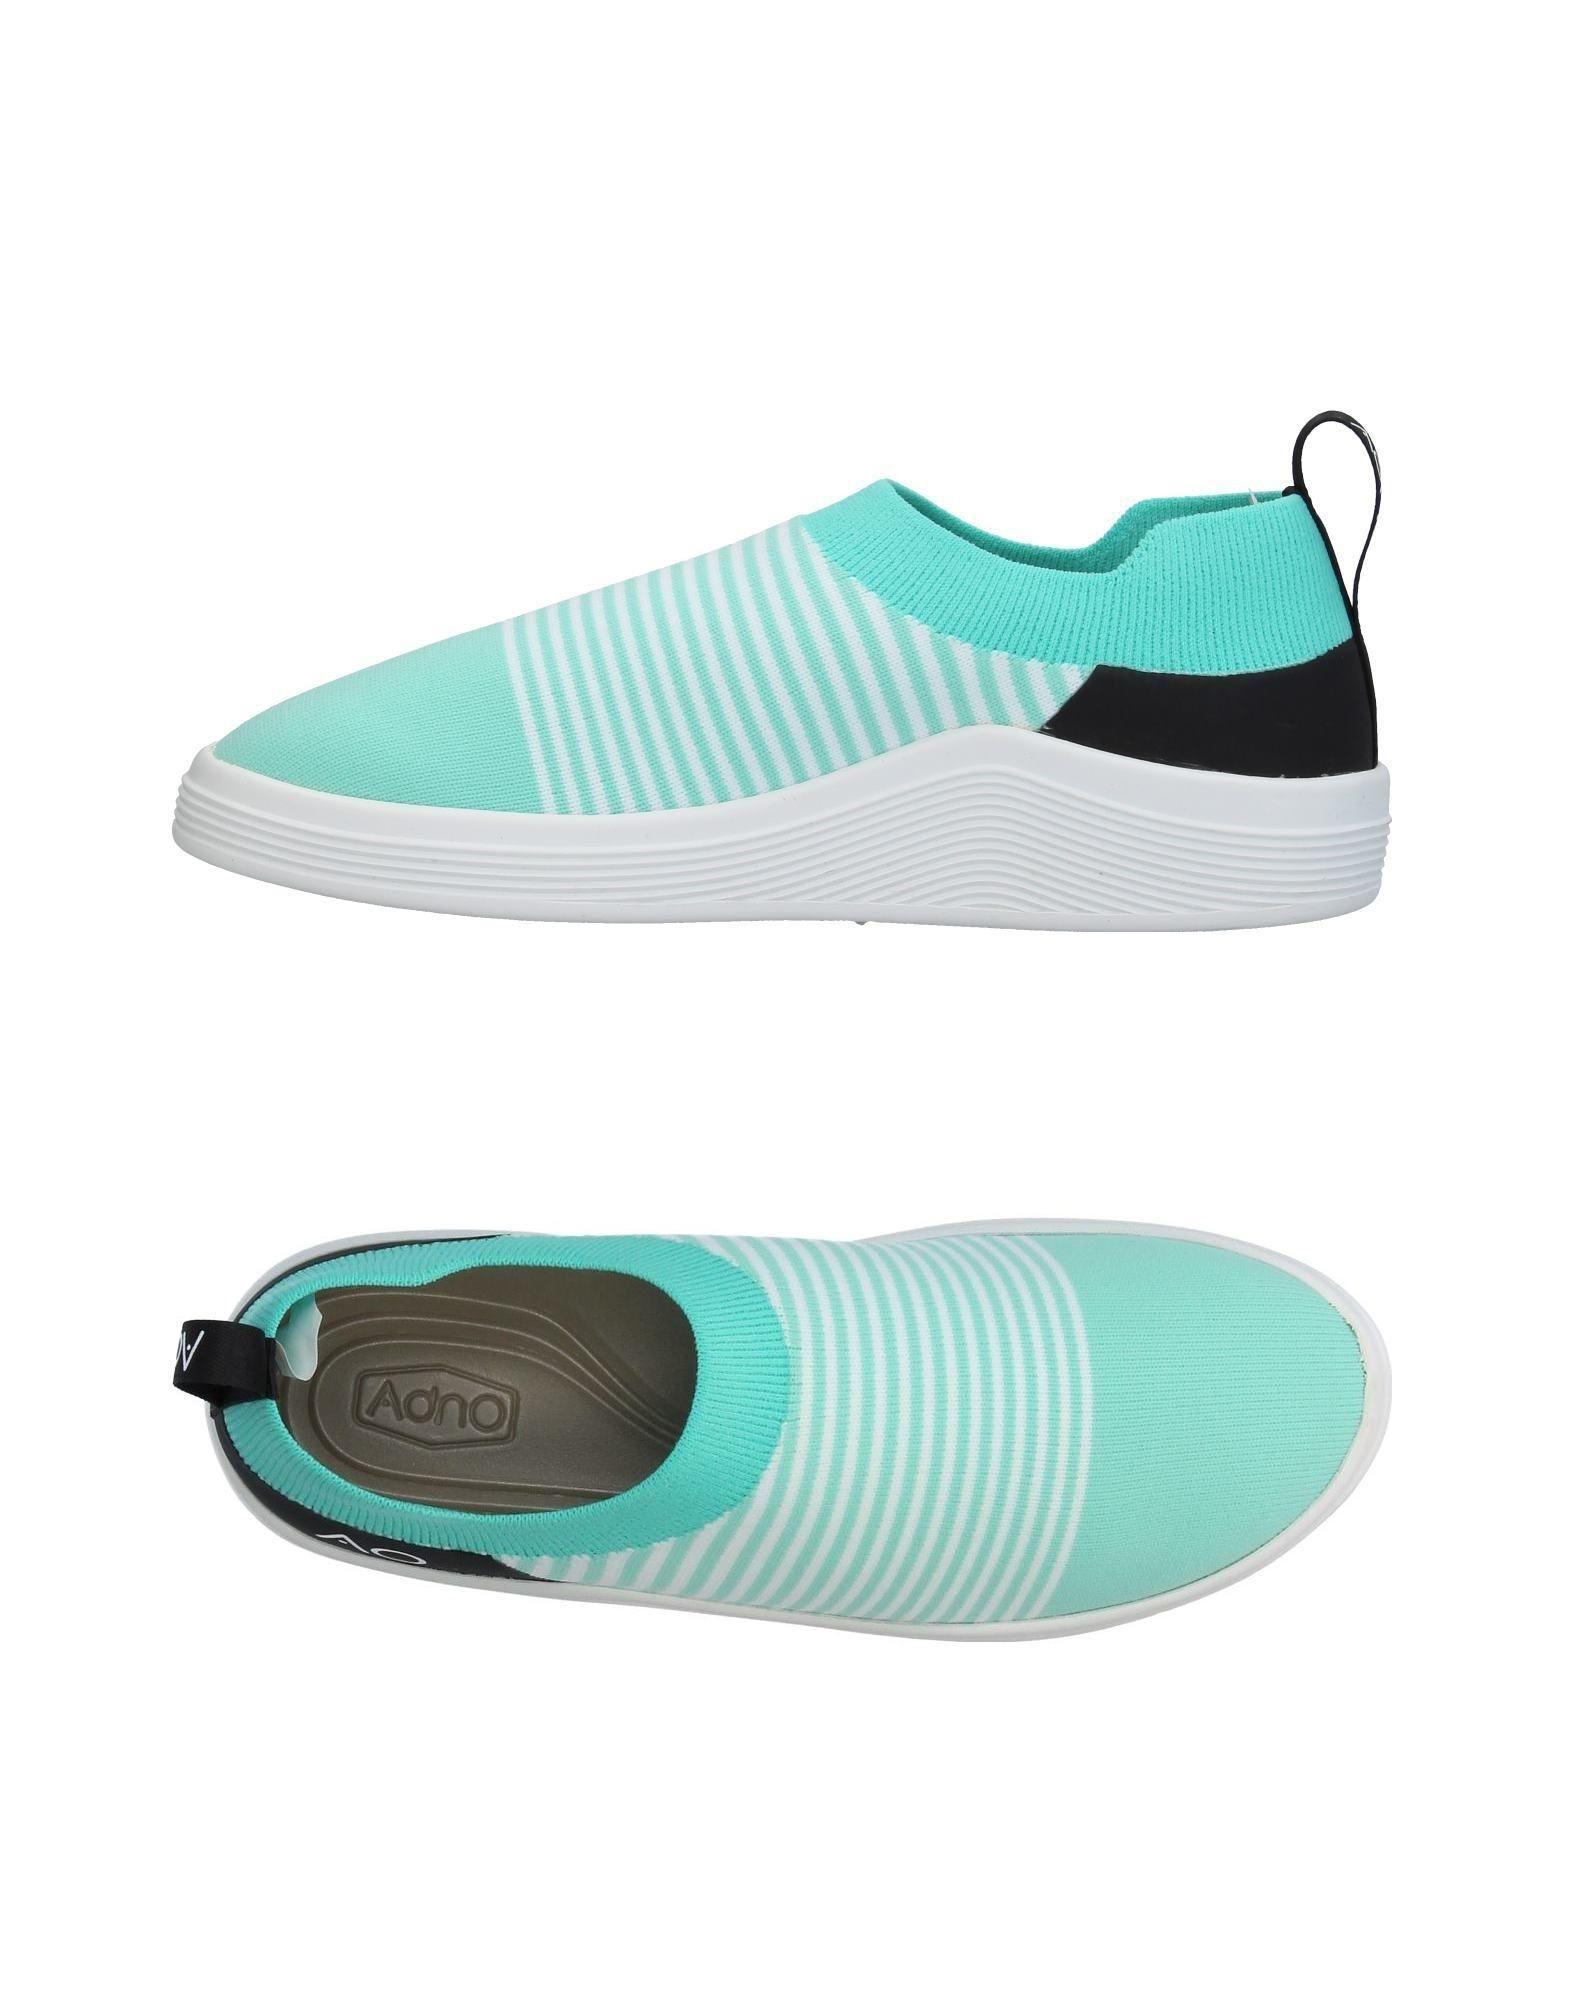 FOOTWEAR - Low-tops & sneakers Adno 6aKEMlYSf